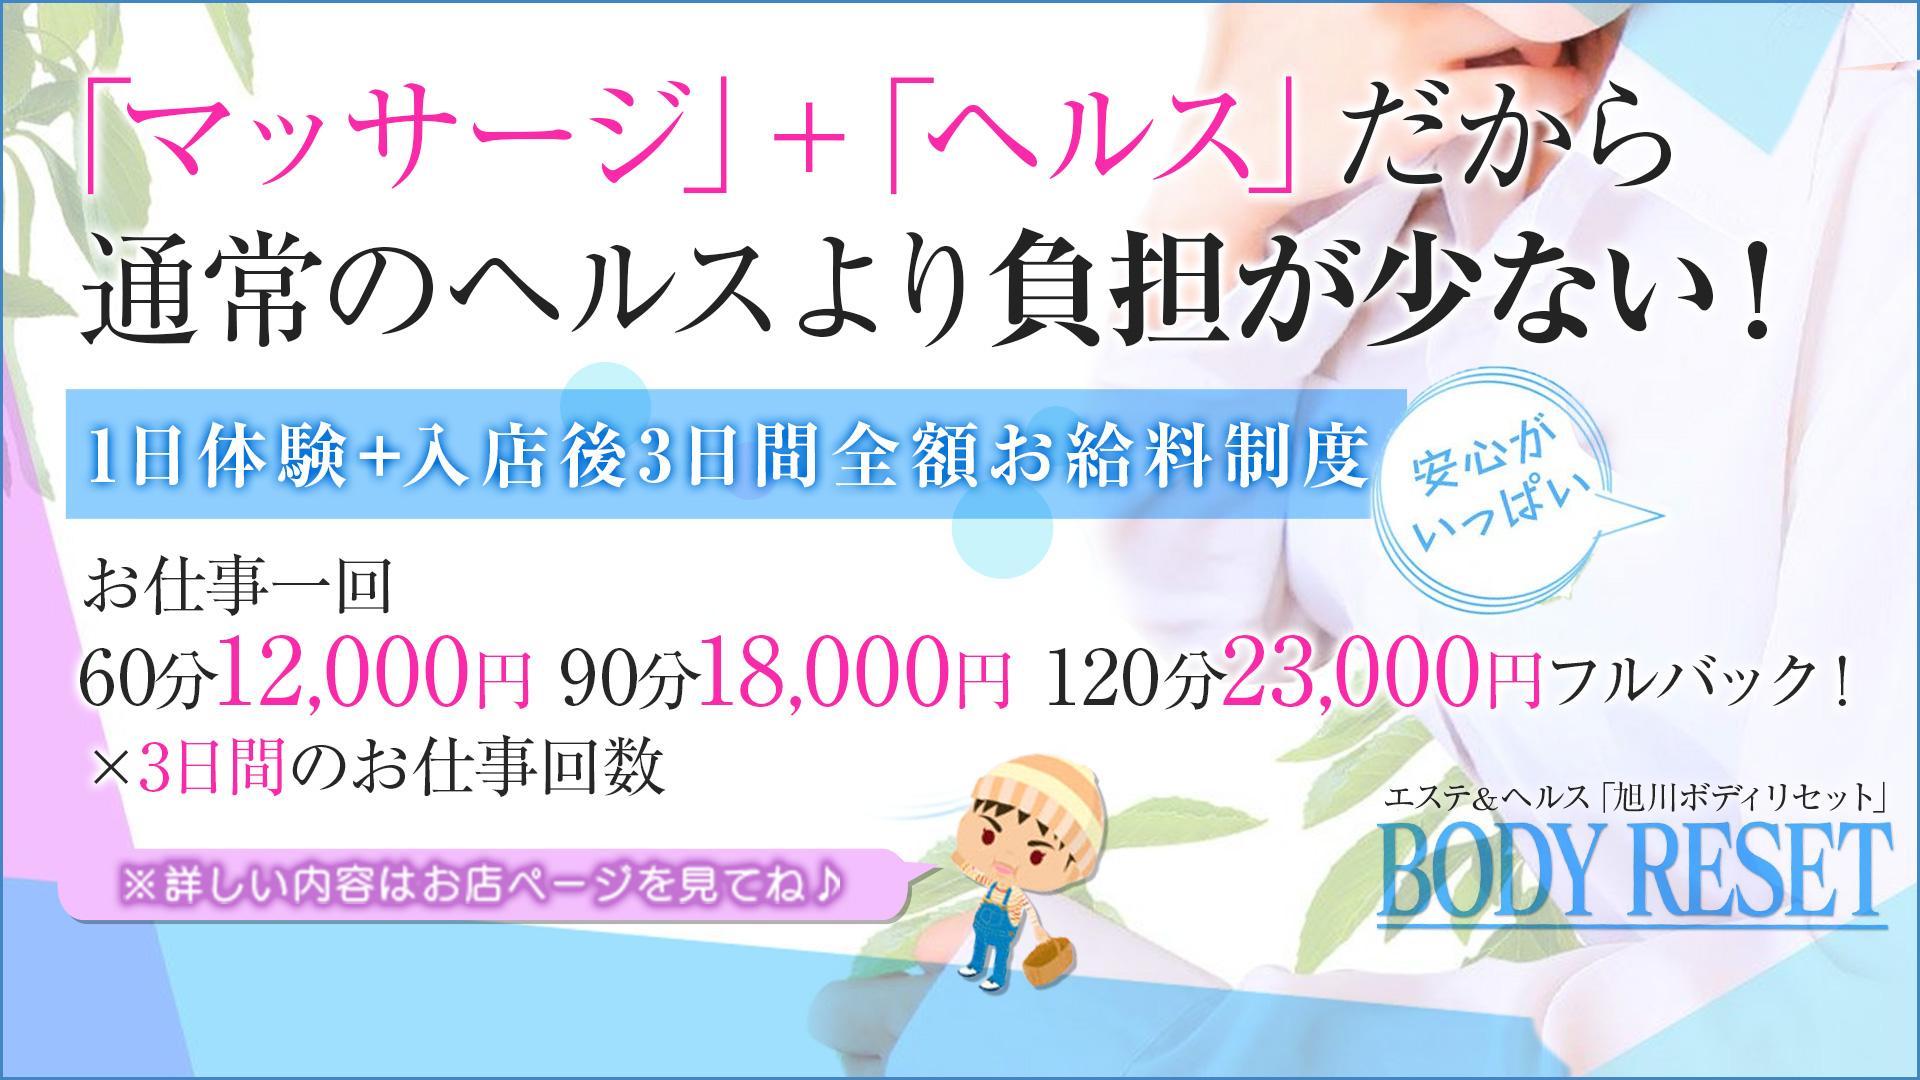 旭川ボディリセットの求人画像